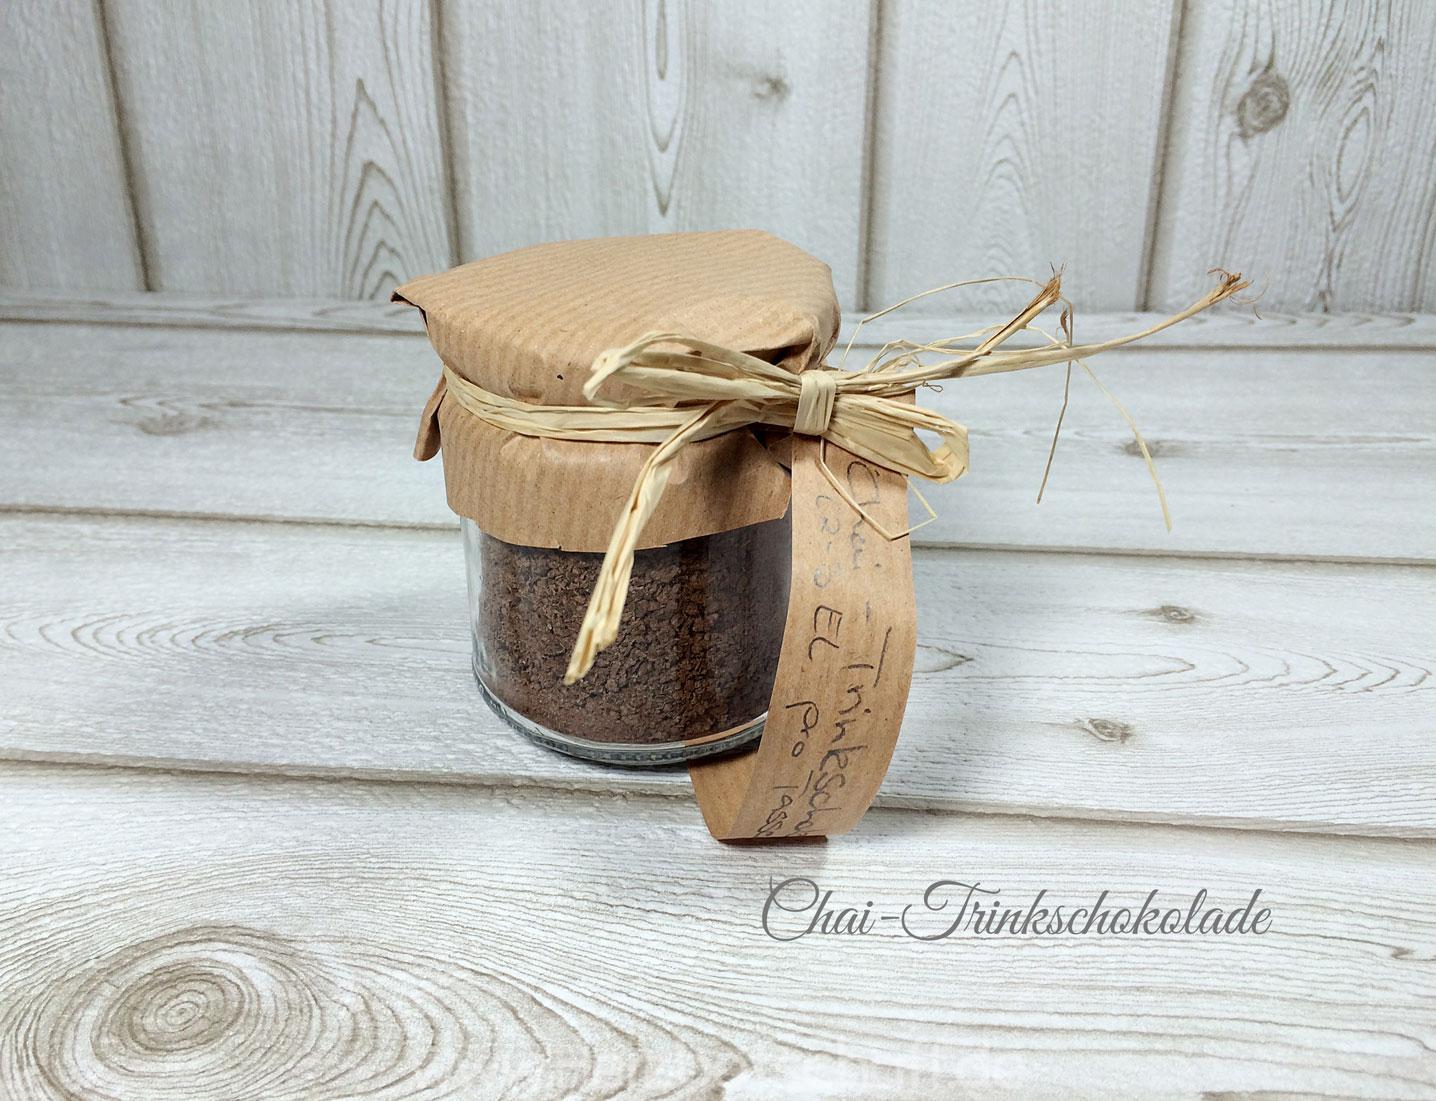 Rezept: Chai-Trinkschokolade - ♥ Herzbotschaft.de